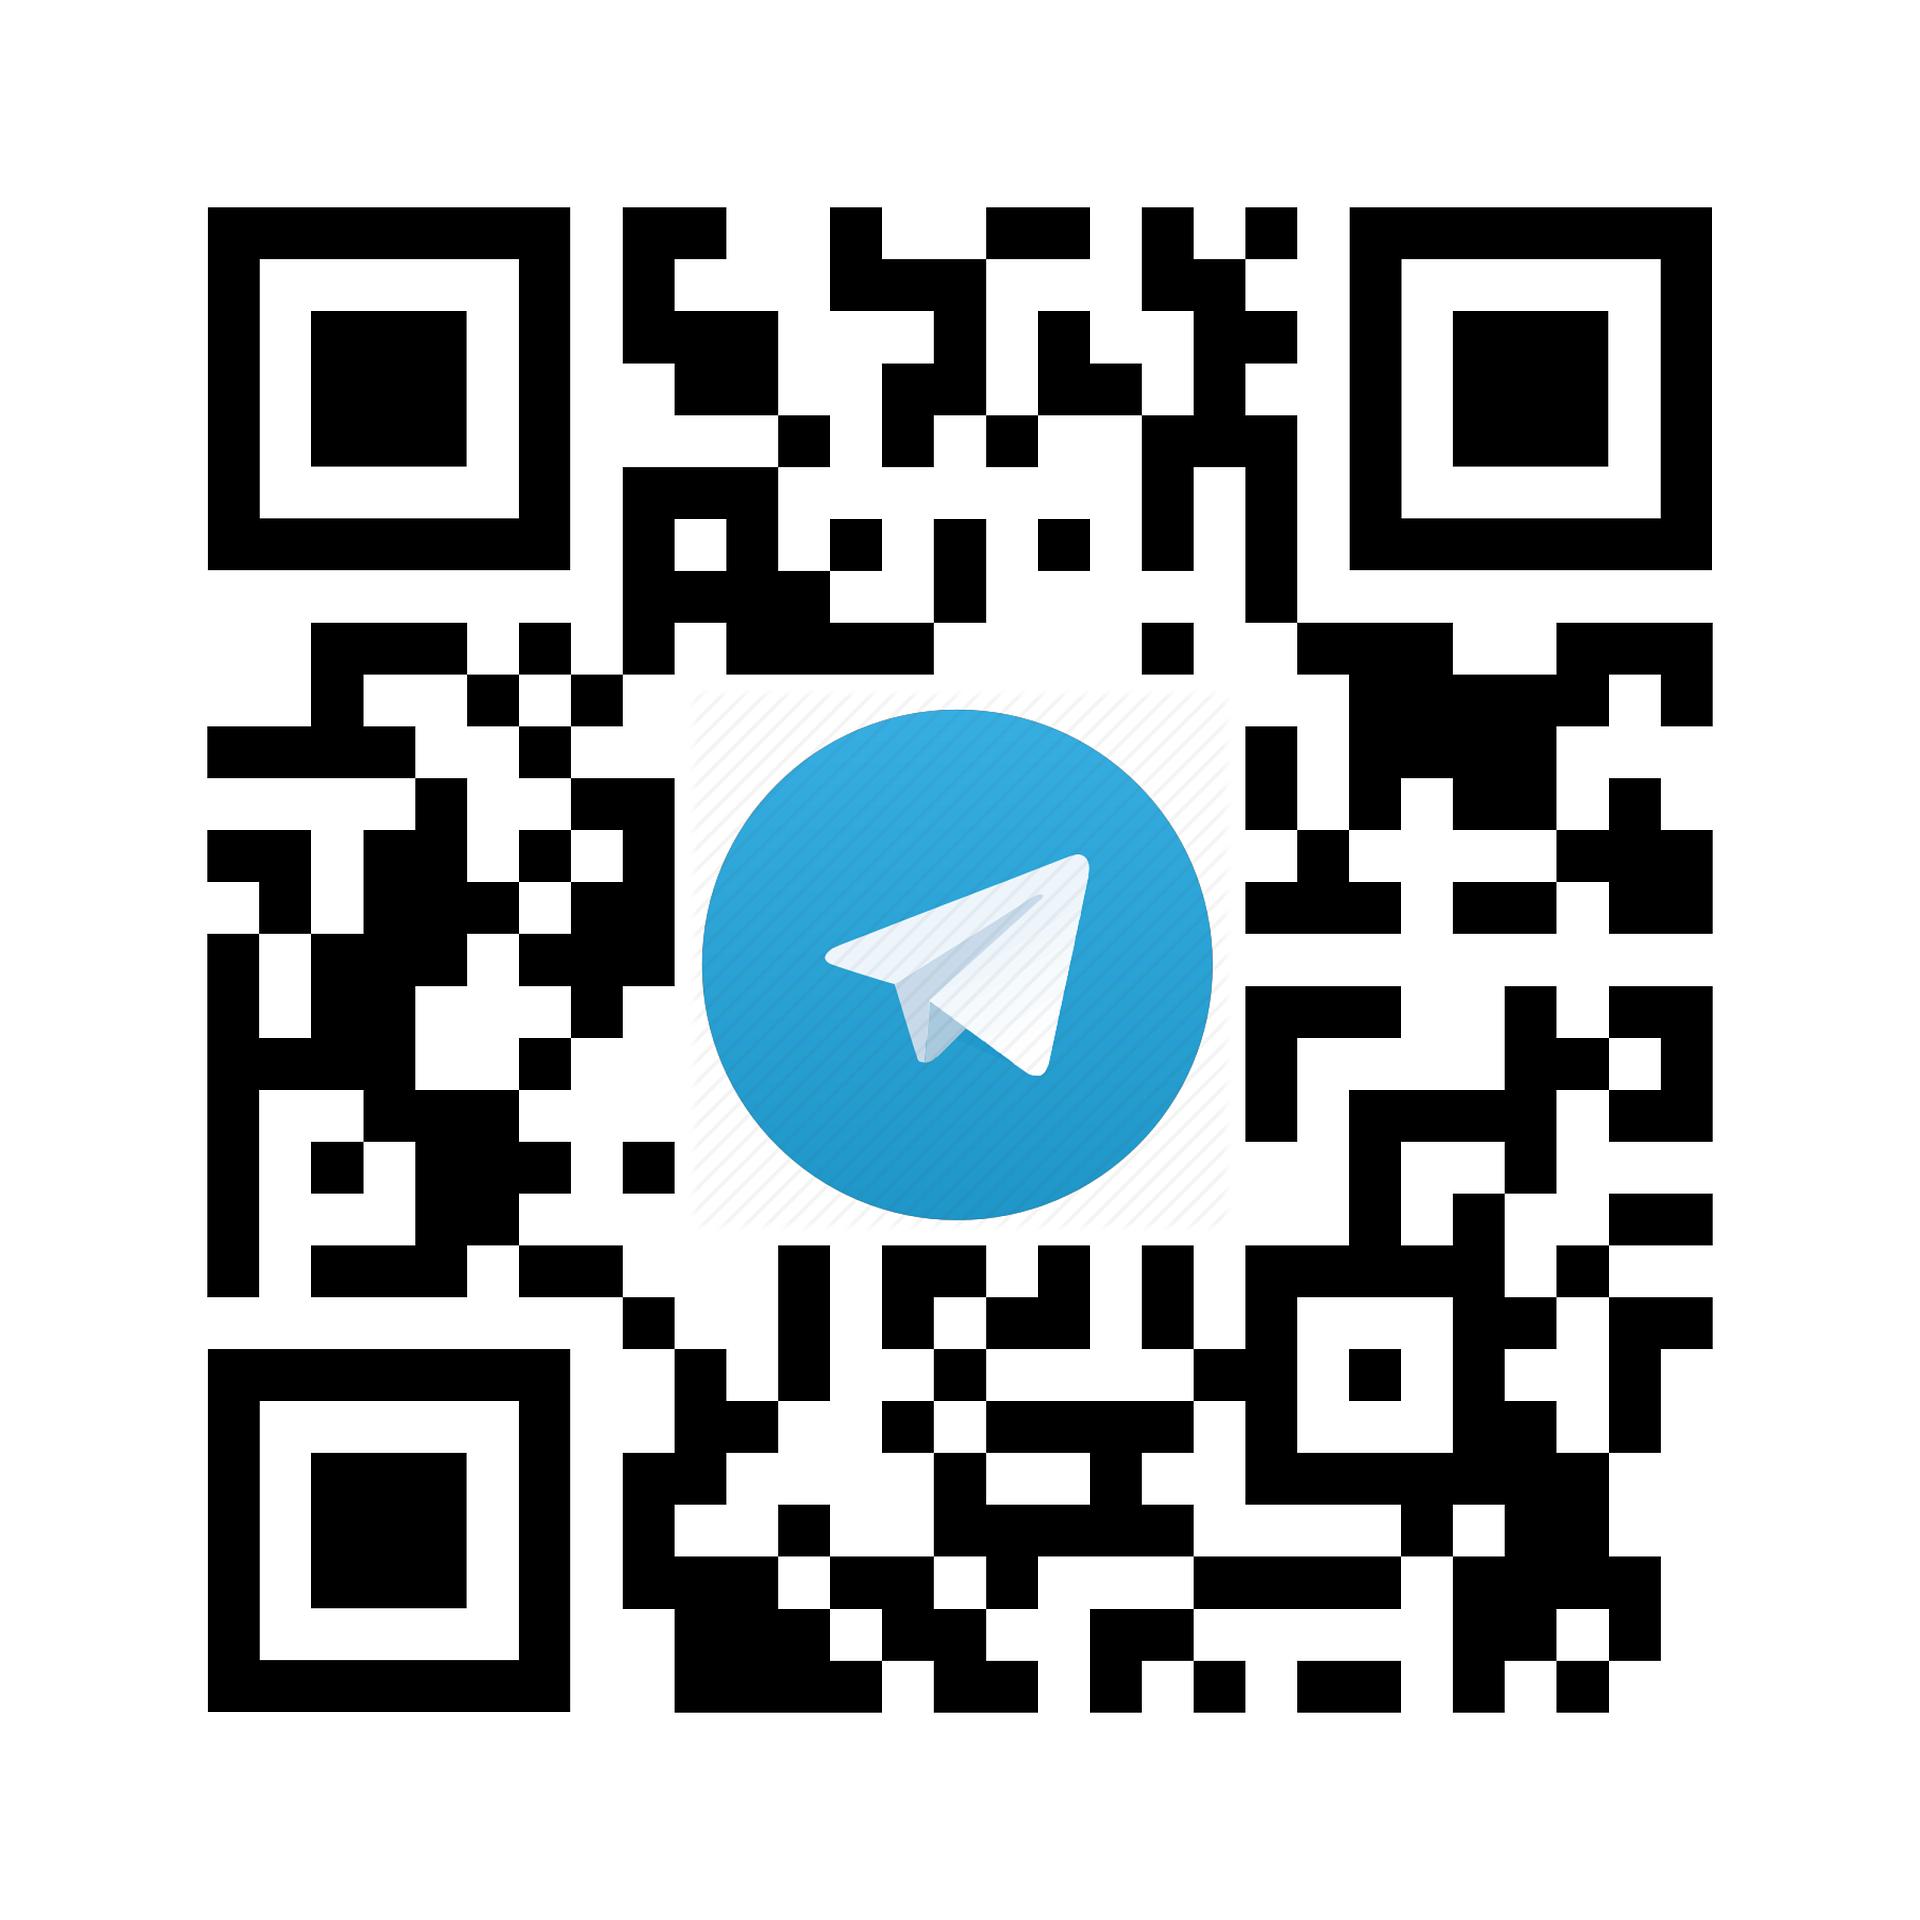 Логотип Telegram на фоне qr кода